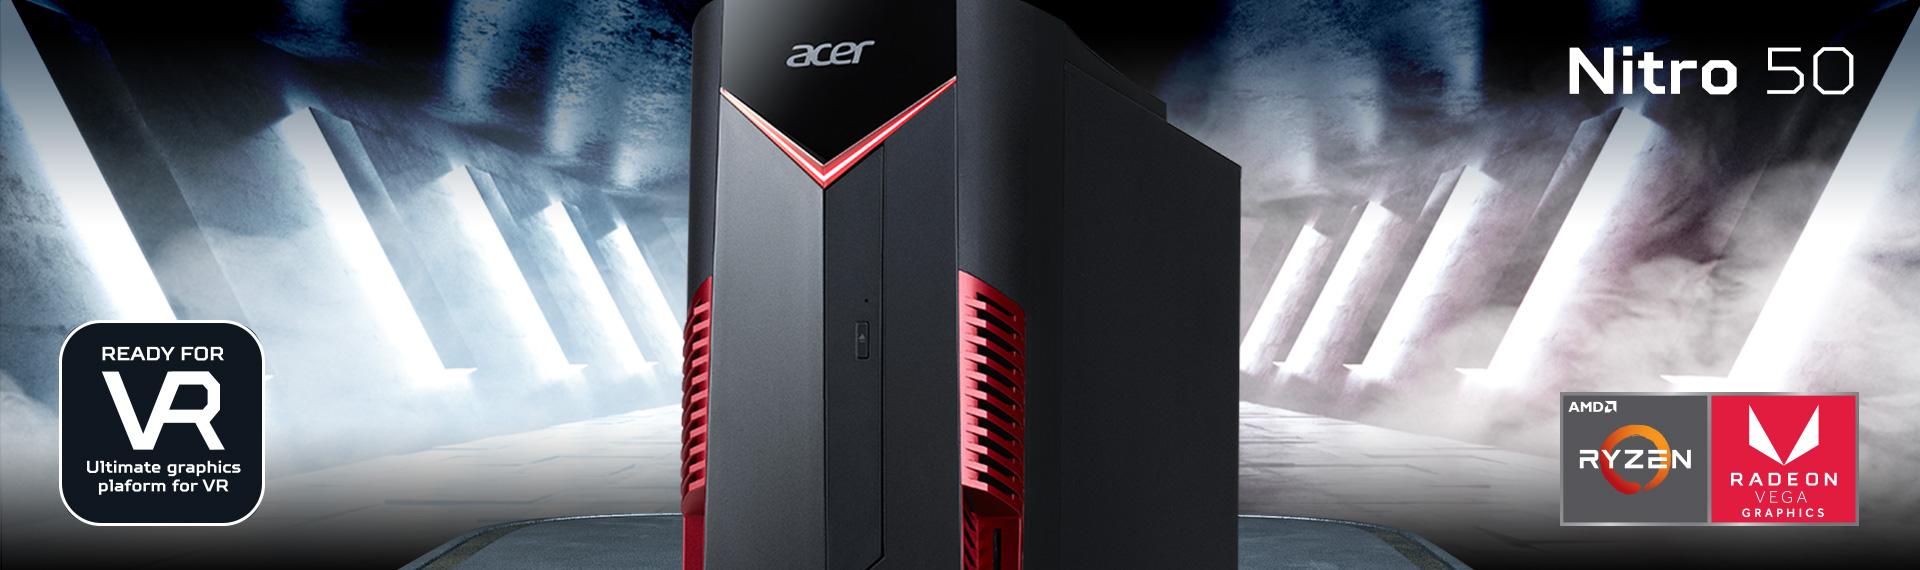 Nitro 50 AMD Ryzen 7, Desktop Gaming Ideal untuk Bertempur dalam Berbagai Game